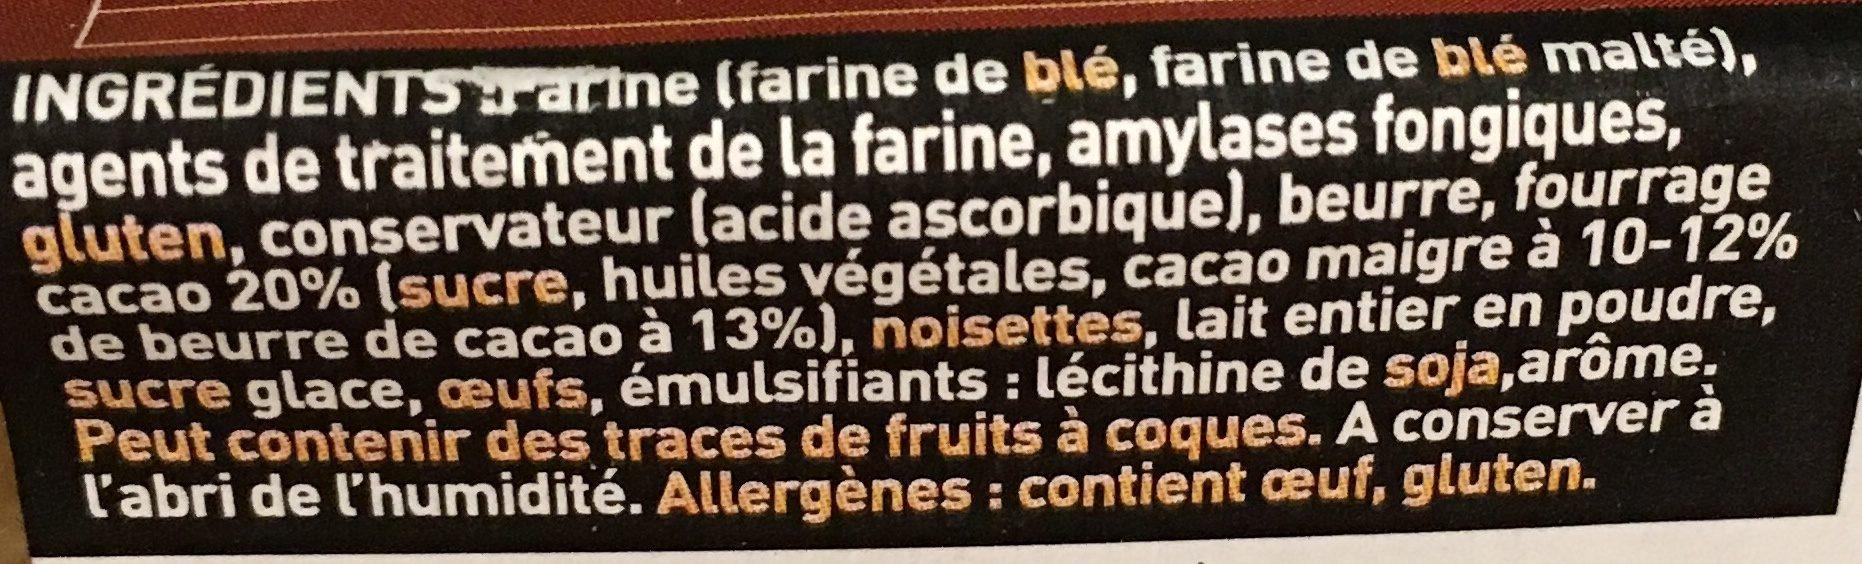 Sablés au chocolat - Ingrediënten